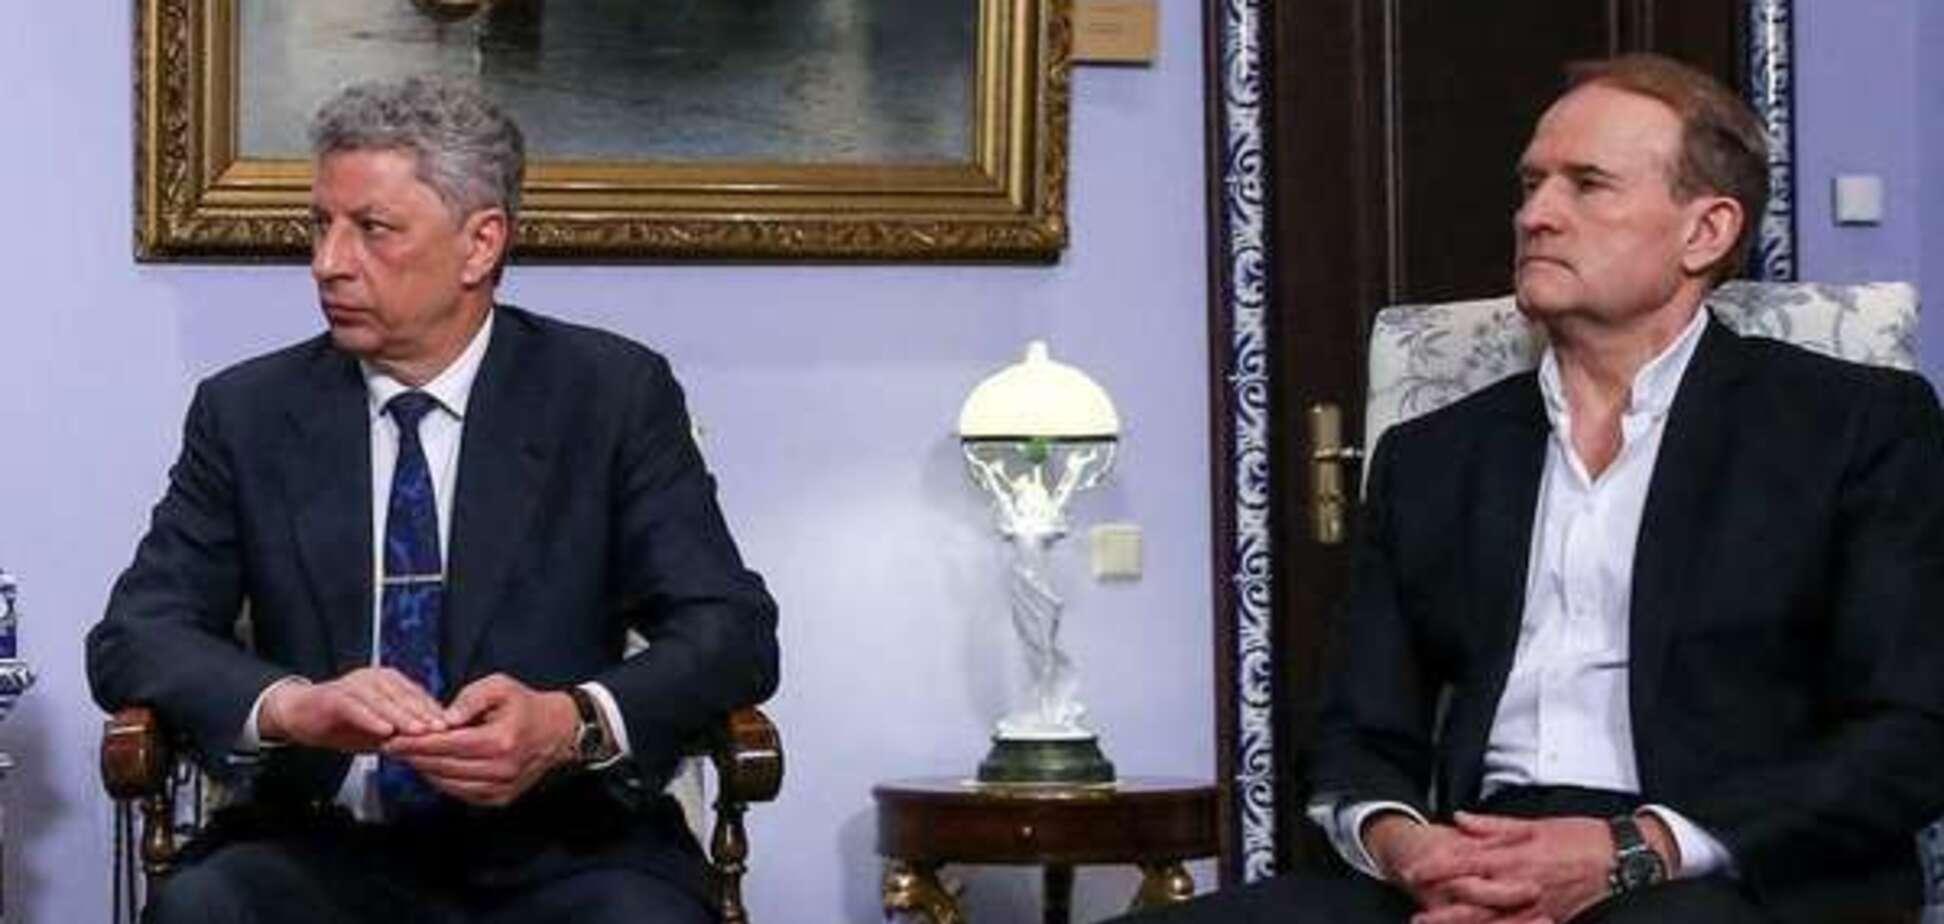 Чому не з Путіним? Історик озвучив важливий нюанс зустрічі Бойка і Медведєва